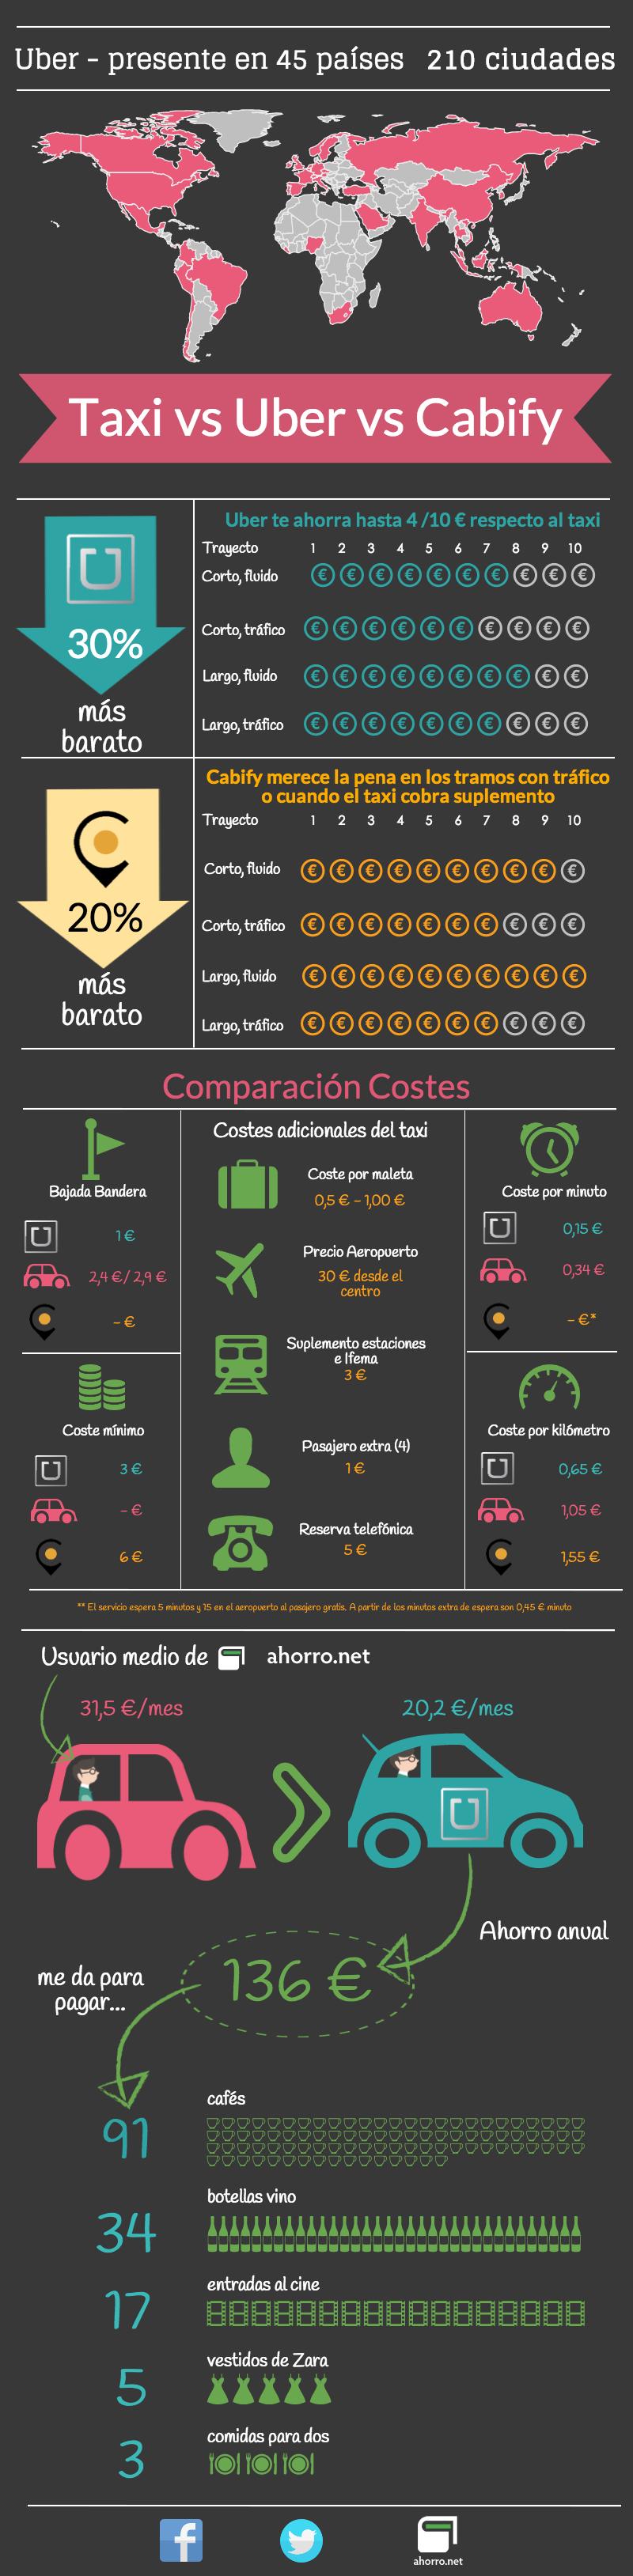 Taxi vs Uber vs Cabify ¿Cuál es más barato?